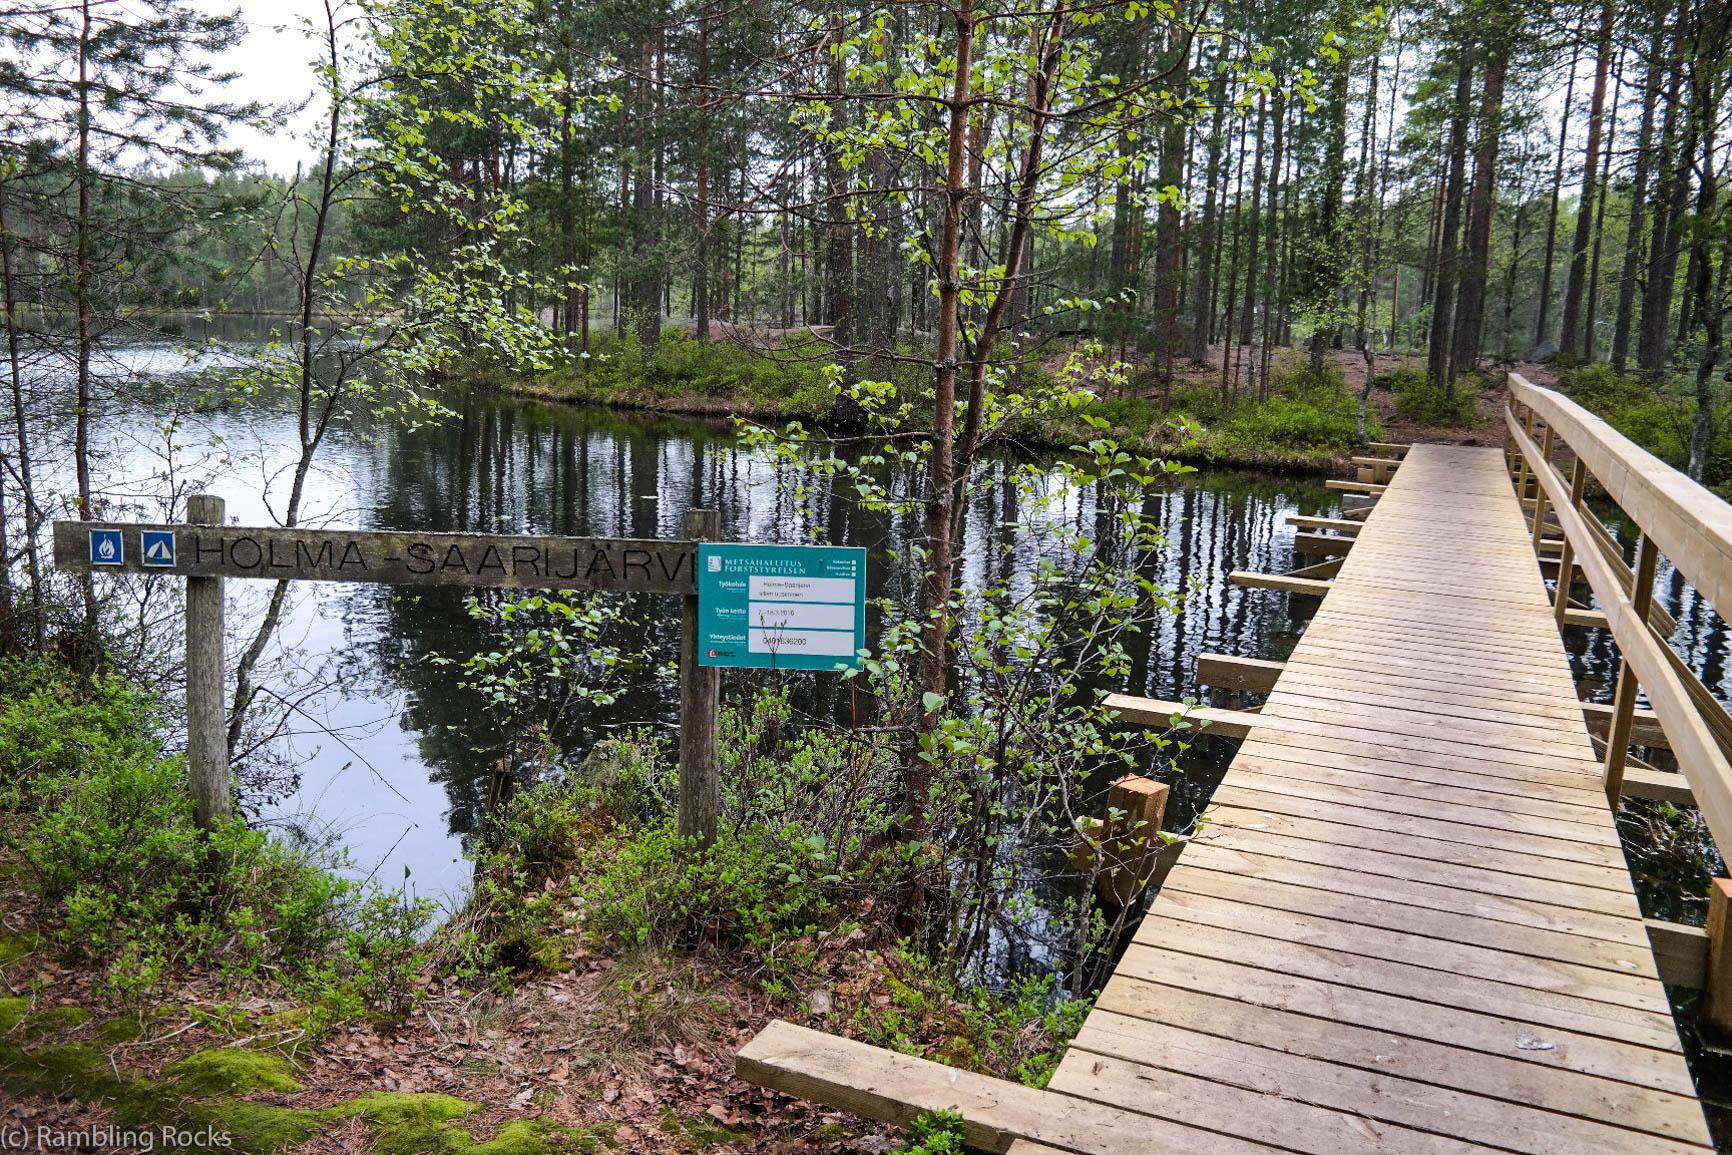 Holma-Saarijärvi